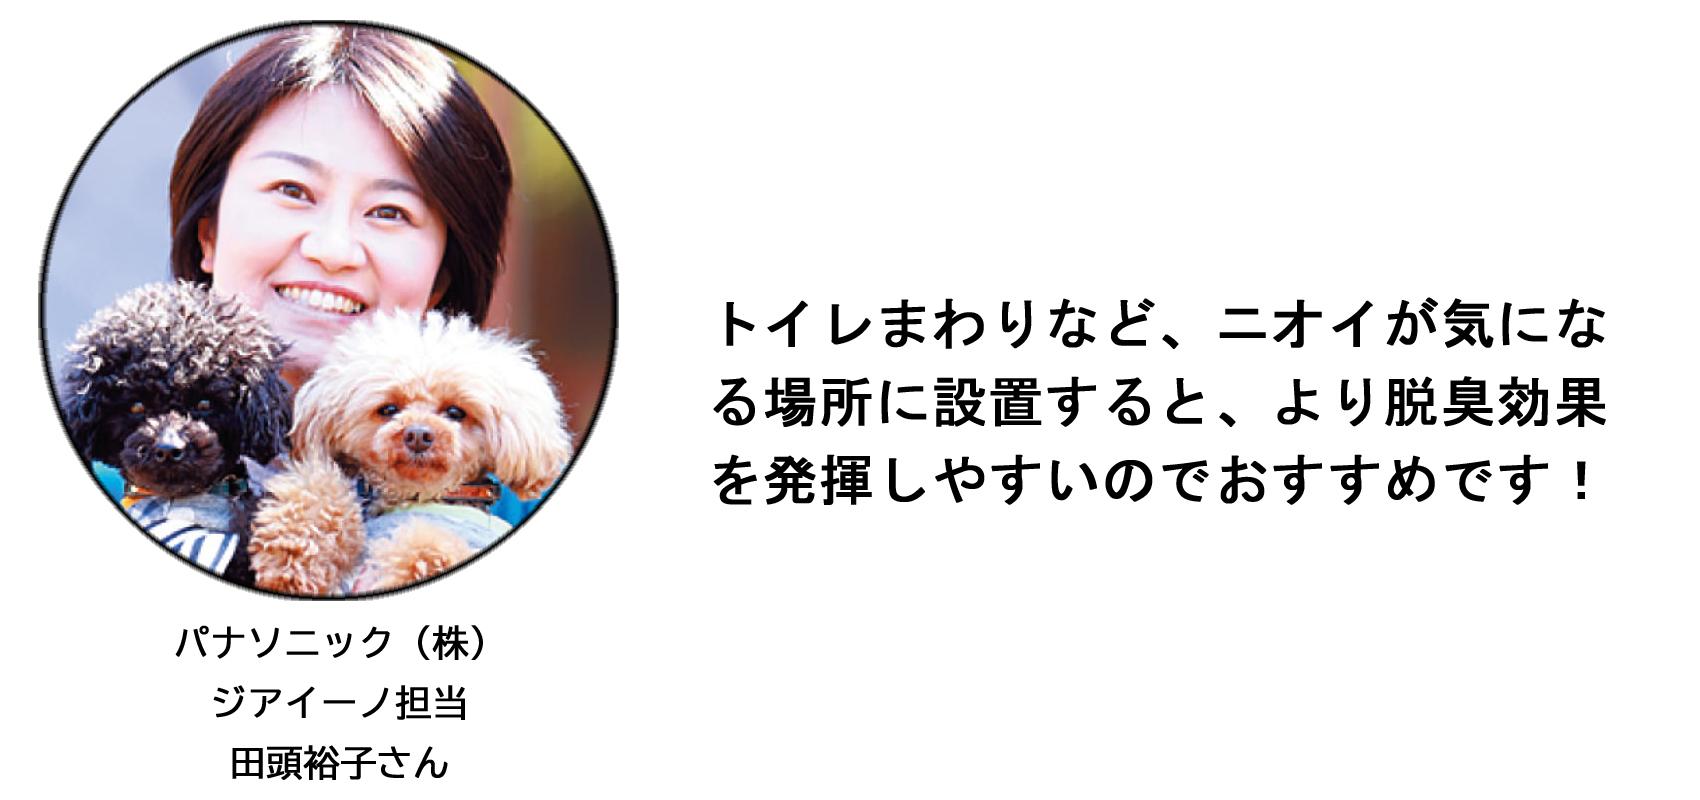 パナソニック(株) ジアイーノ担当 田頭裕子さん